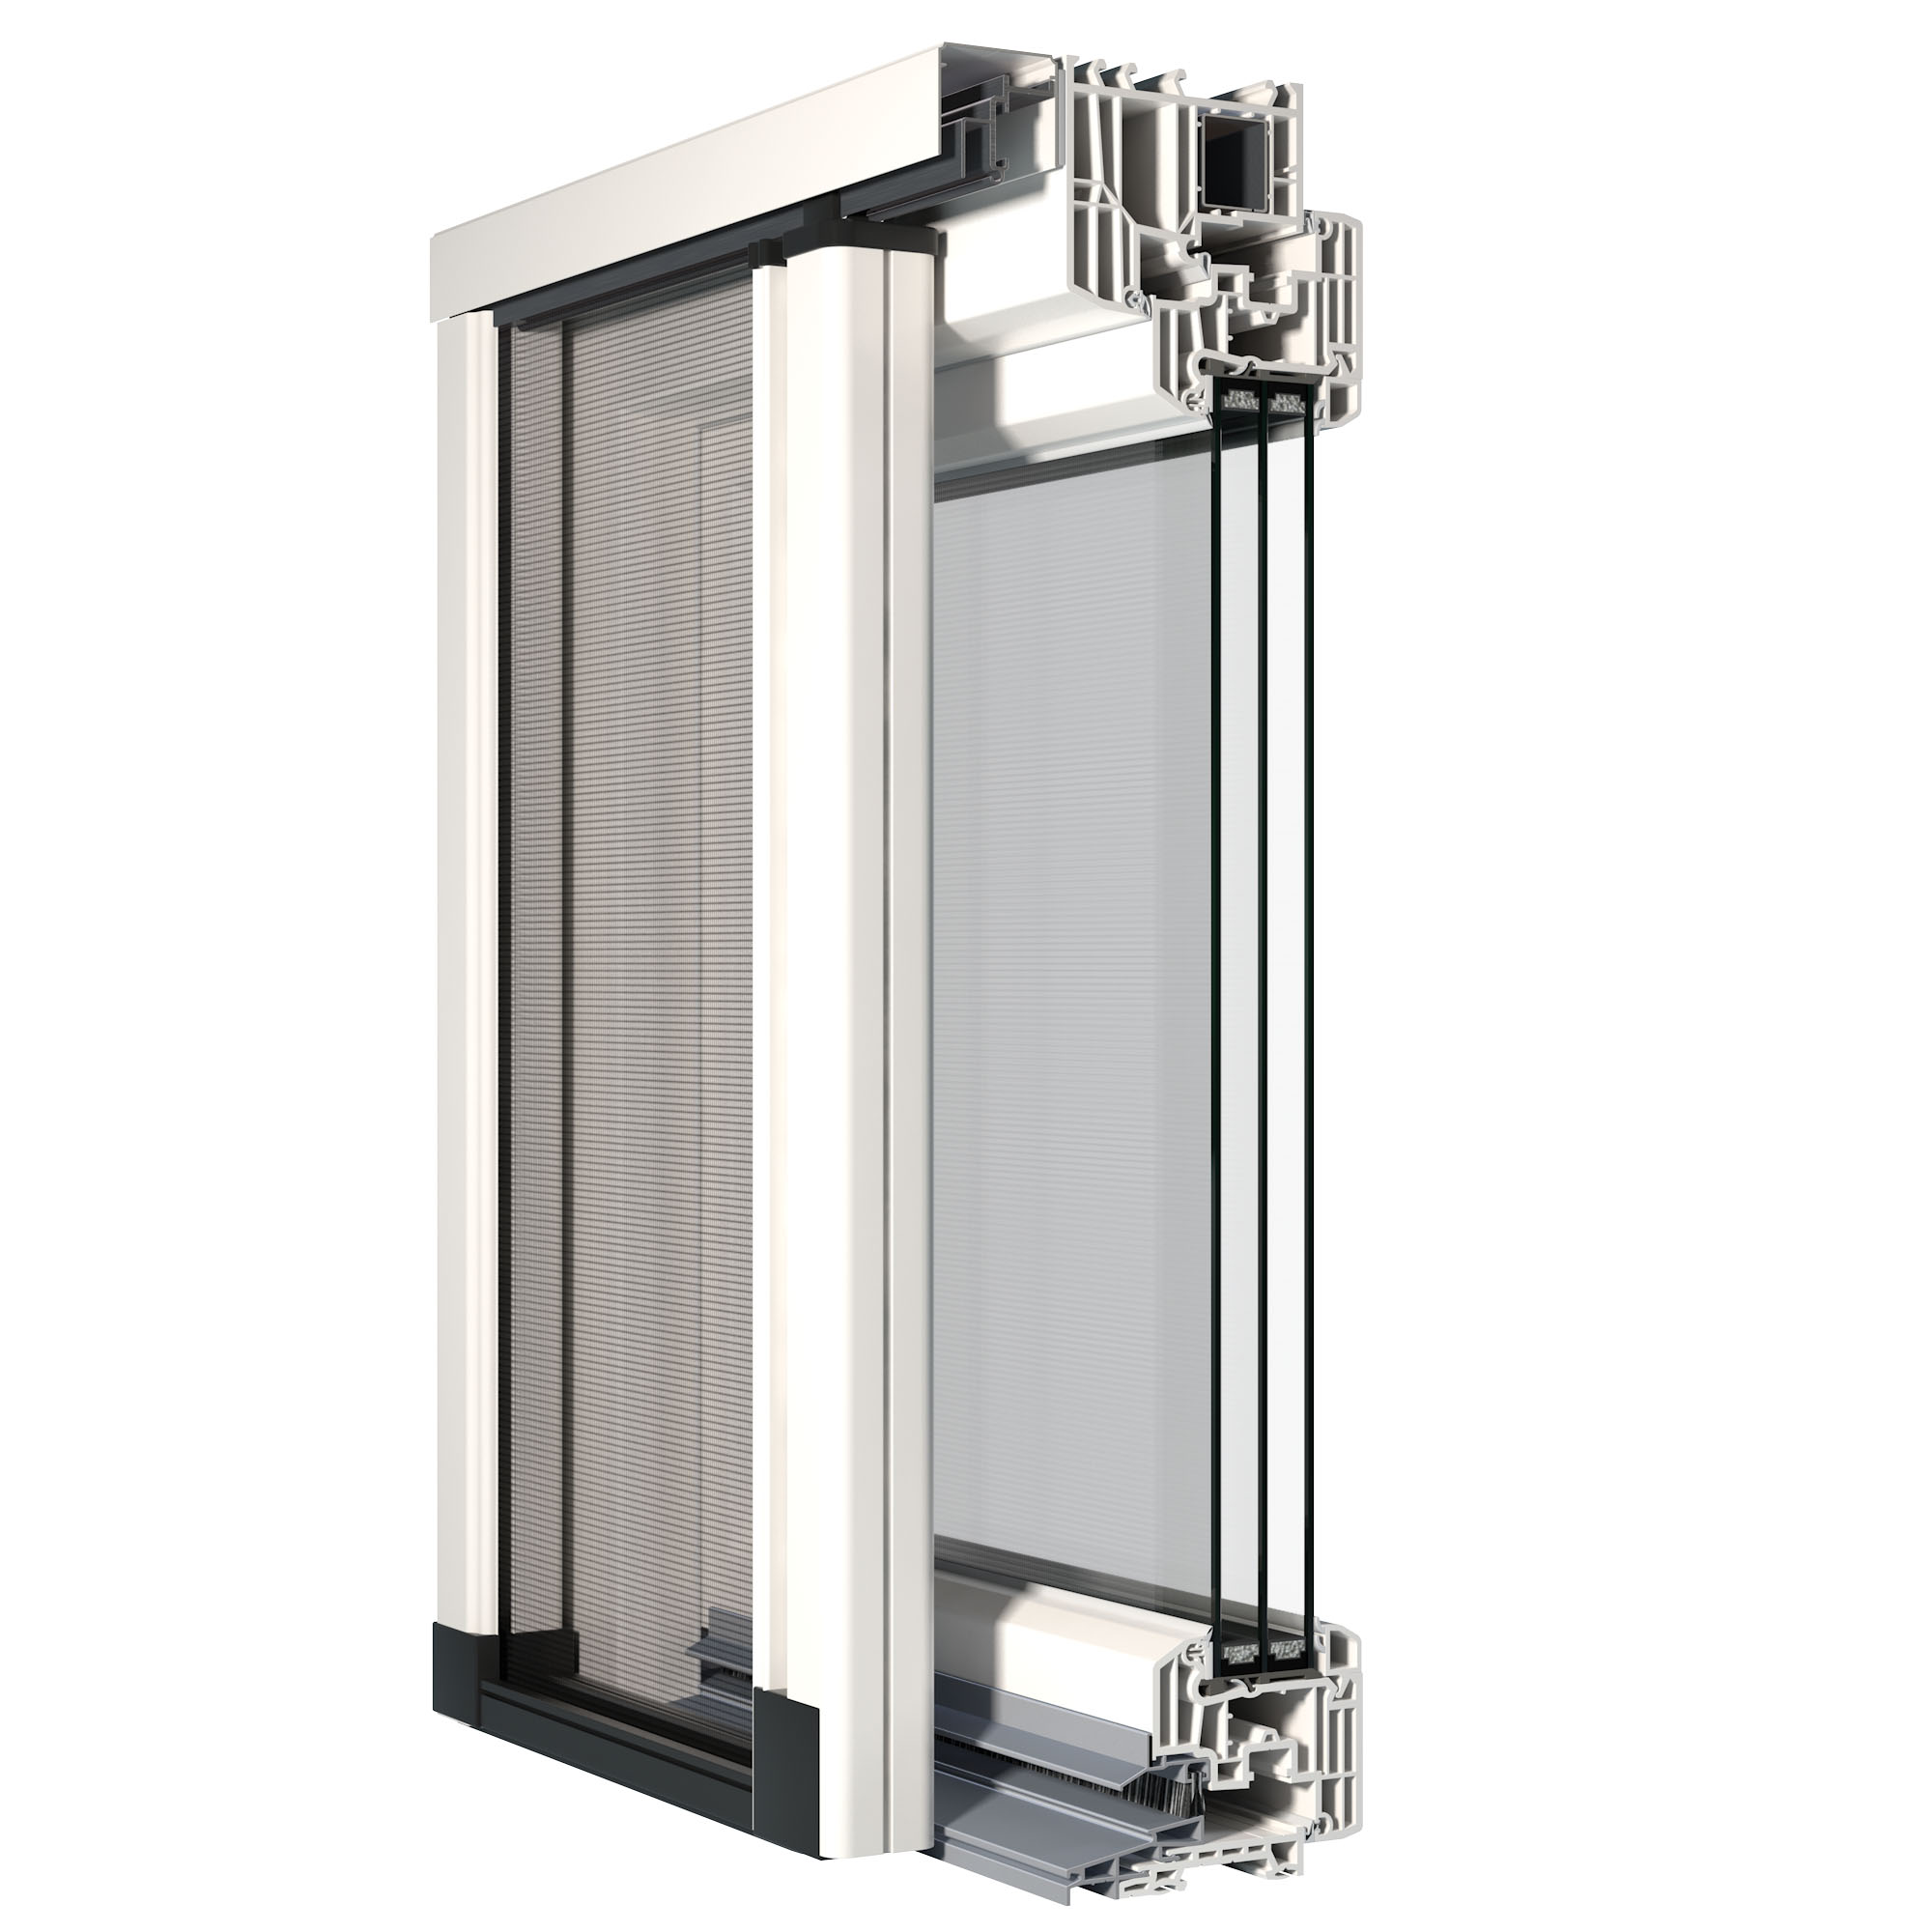 Zanzariere finstral studiato nuovo modello ad - Modelli di zanzariere per porte finestre ...